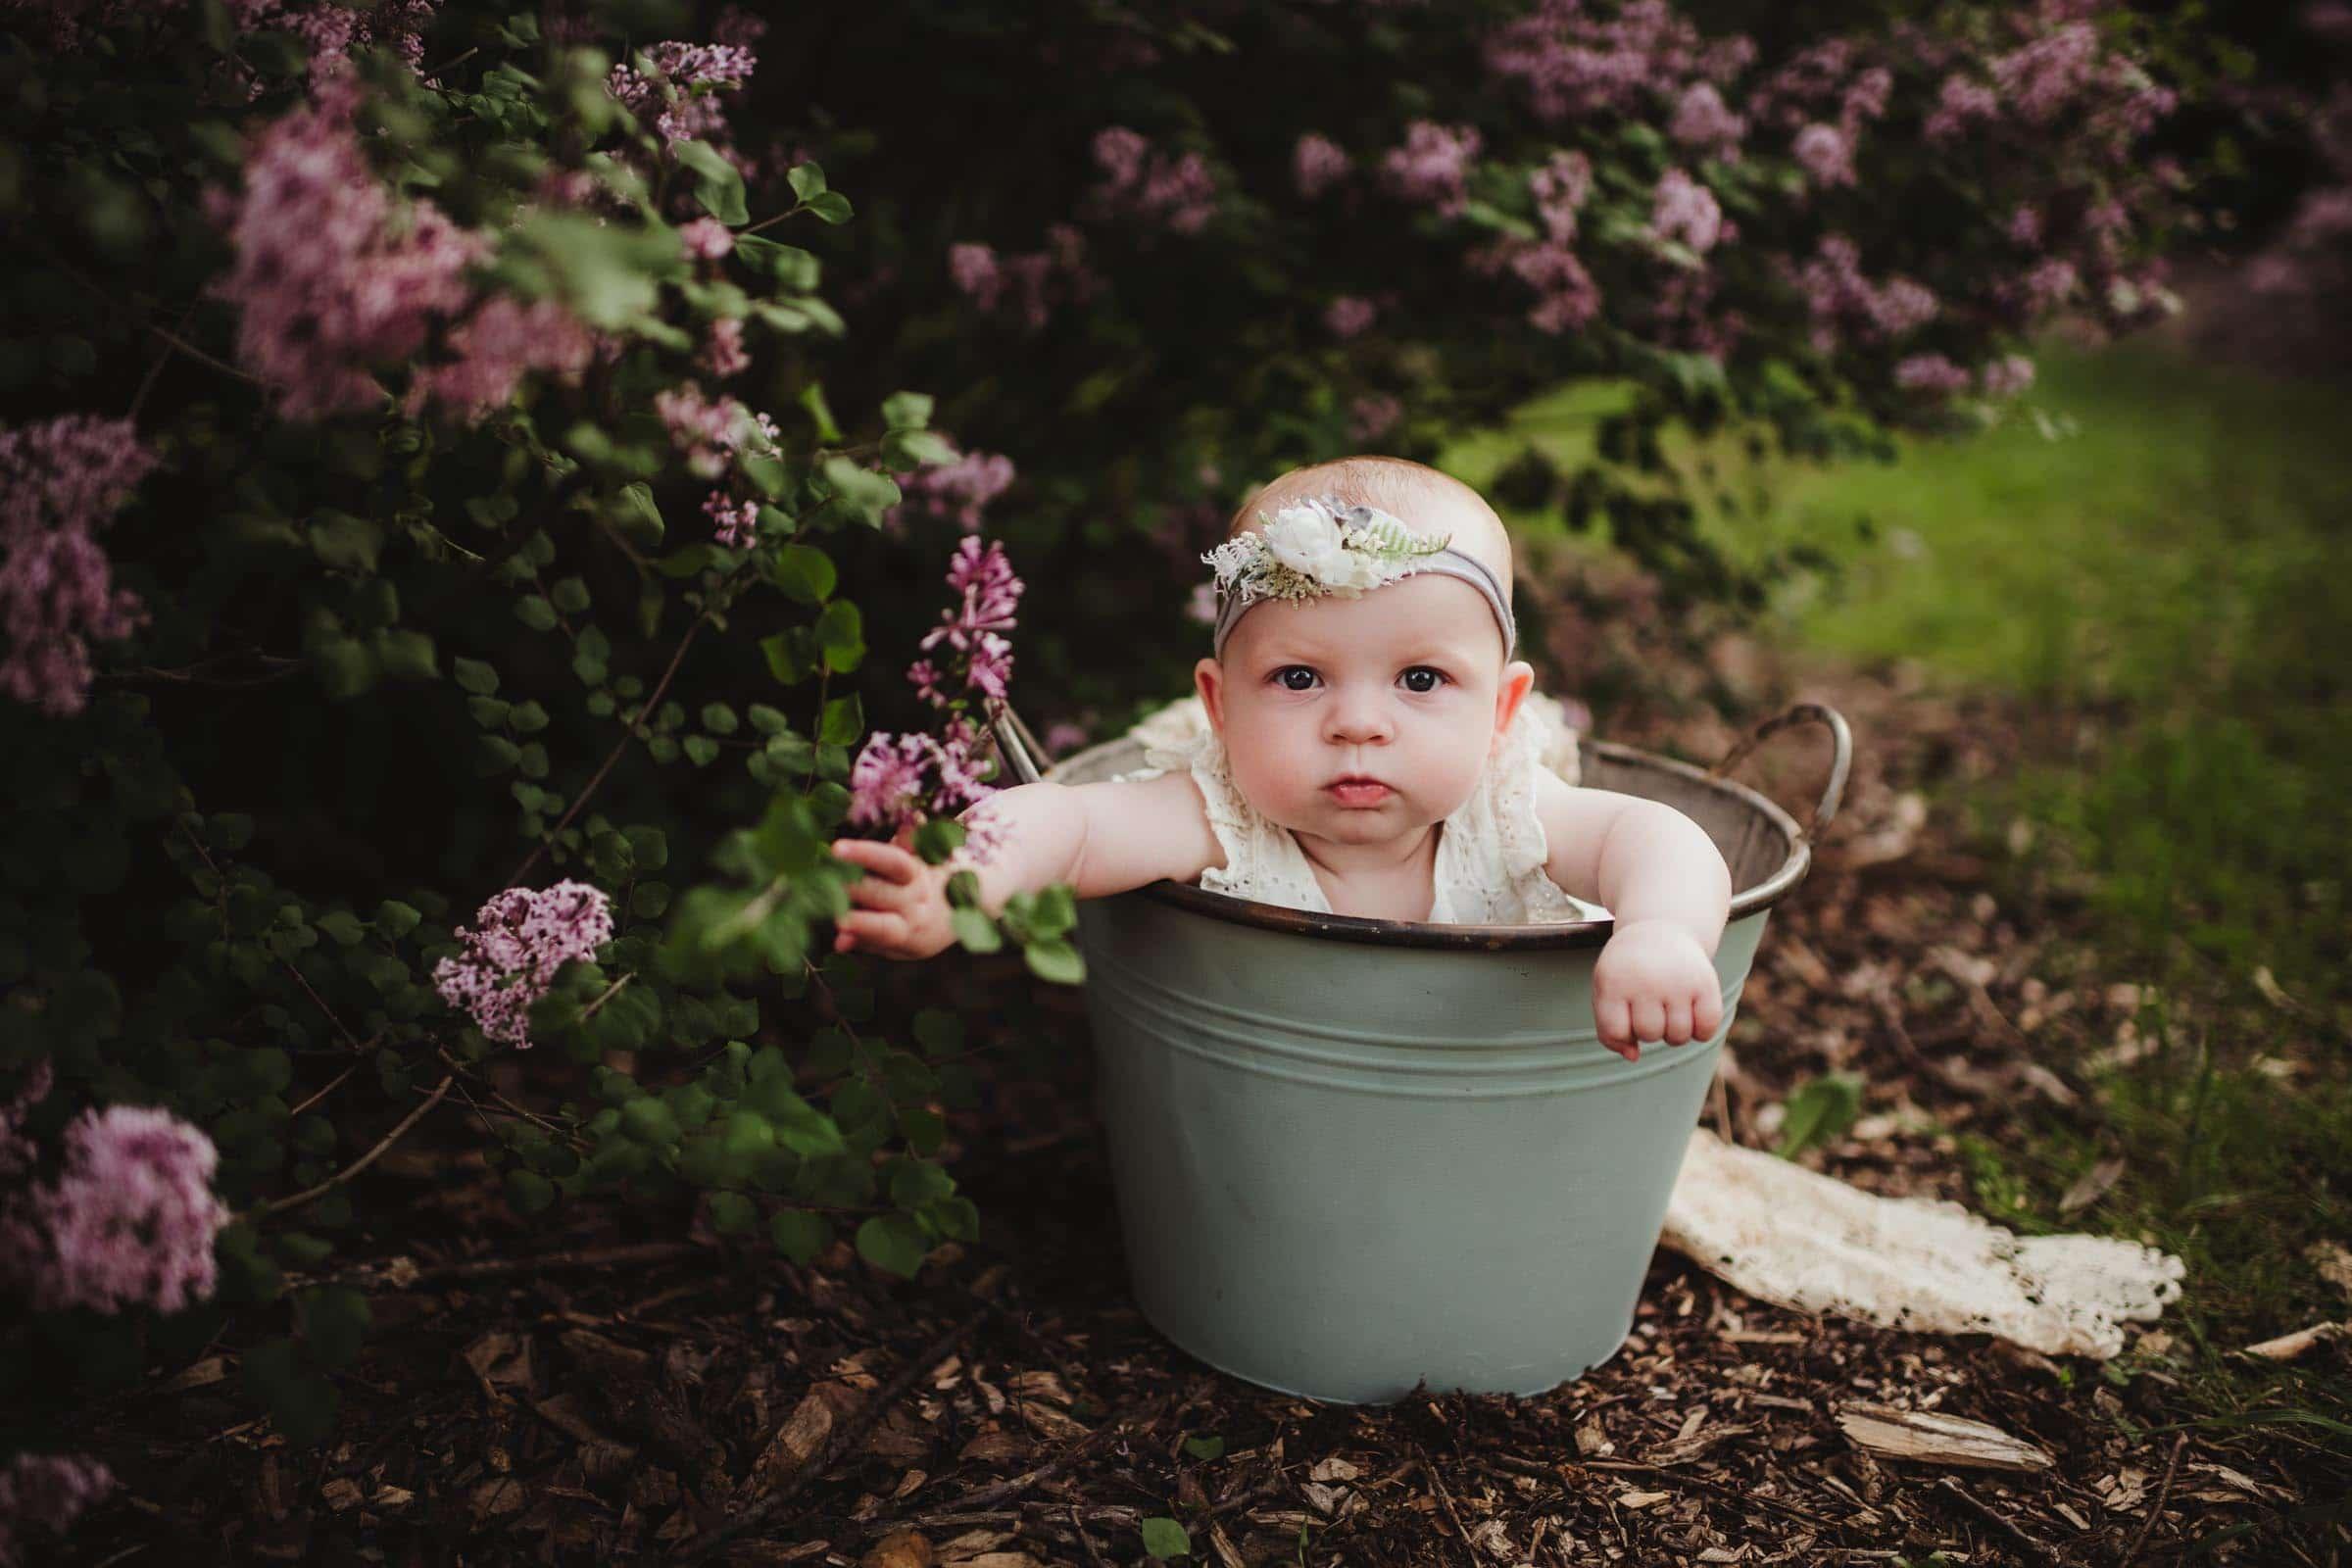 Baby Girl in Bucket Near Flowers